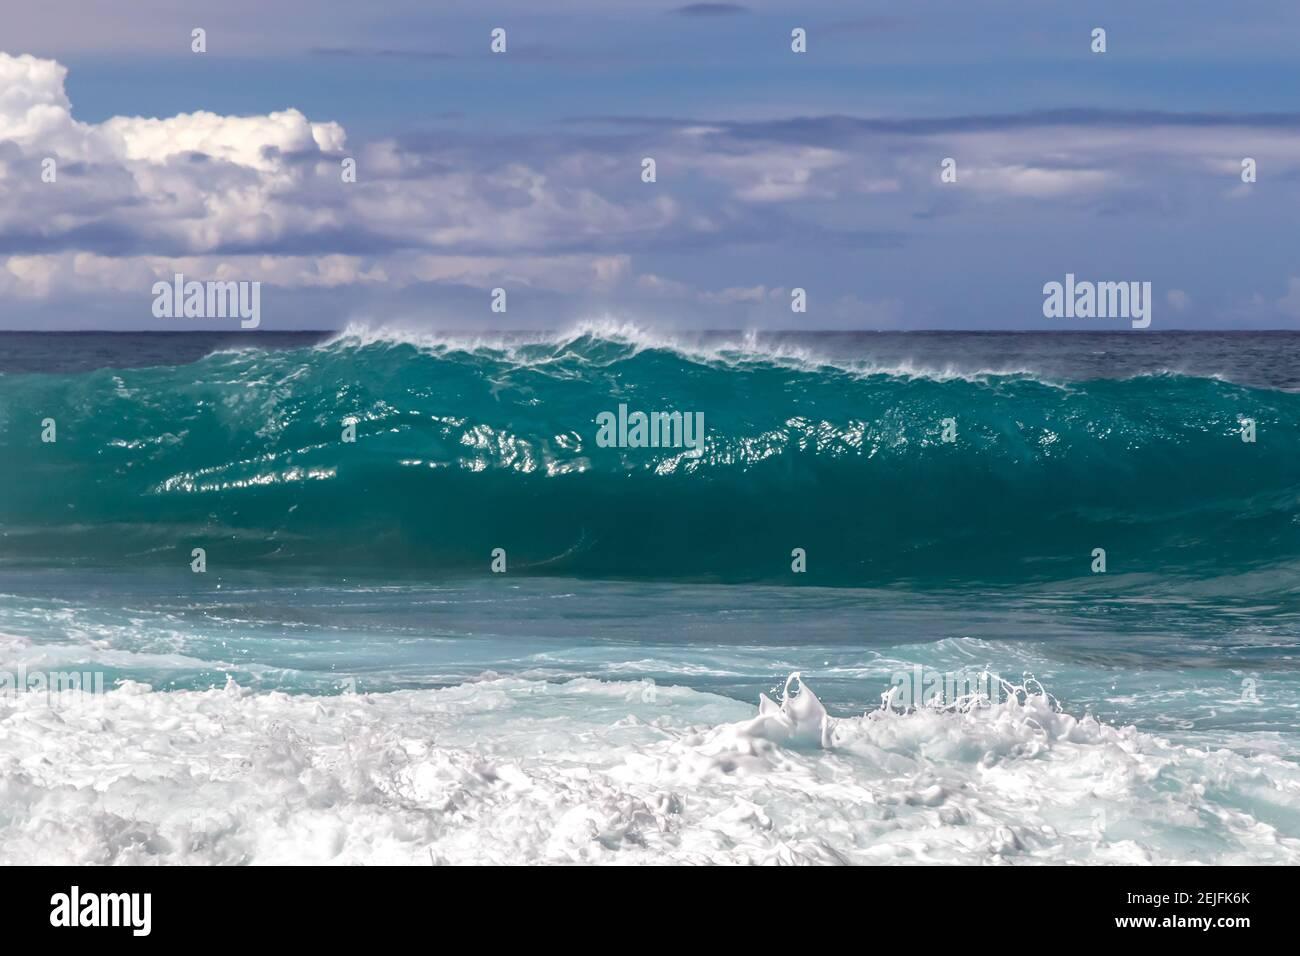 Ondulado en la playa hawaiana. Aerosol volando de vuelta en la parte superior de la ola. Espuma de la onda anterior en primer plano. Aerosol blanco de mar tirado al aire. Foto de stock